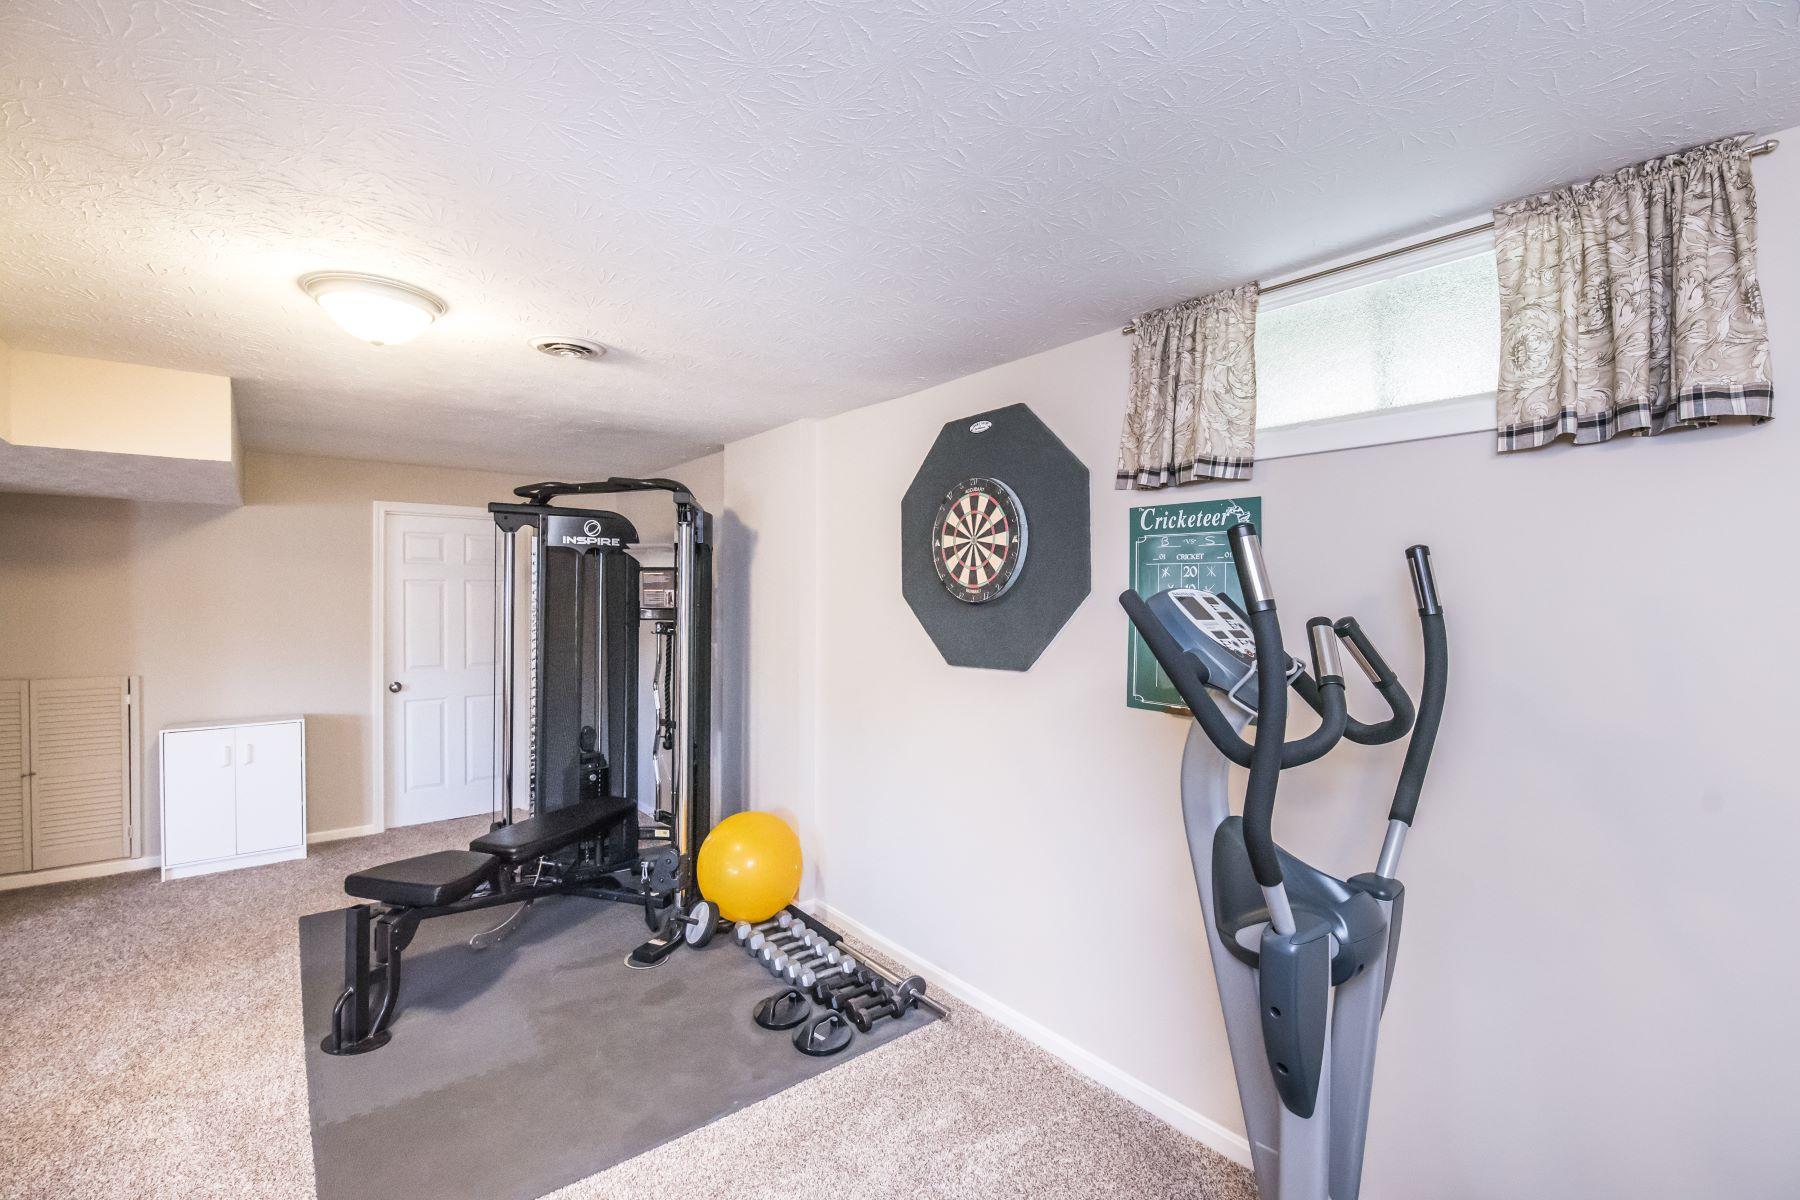 Additional photo for property listing at 10420 Worthington Lane  Prospect, Kentucky 40059 United States